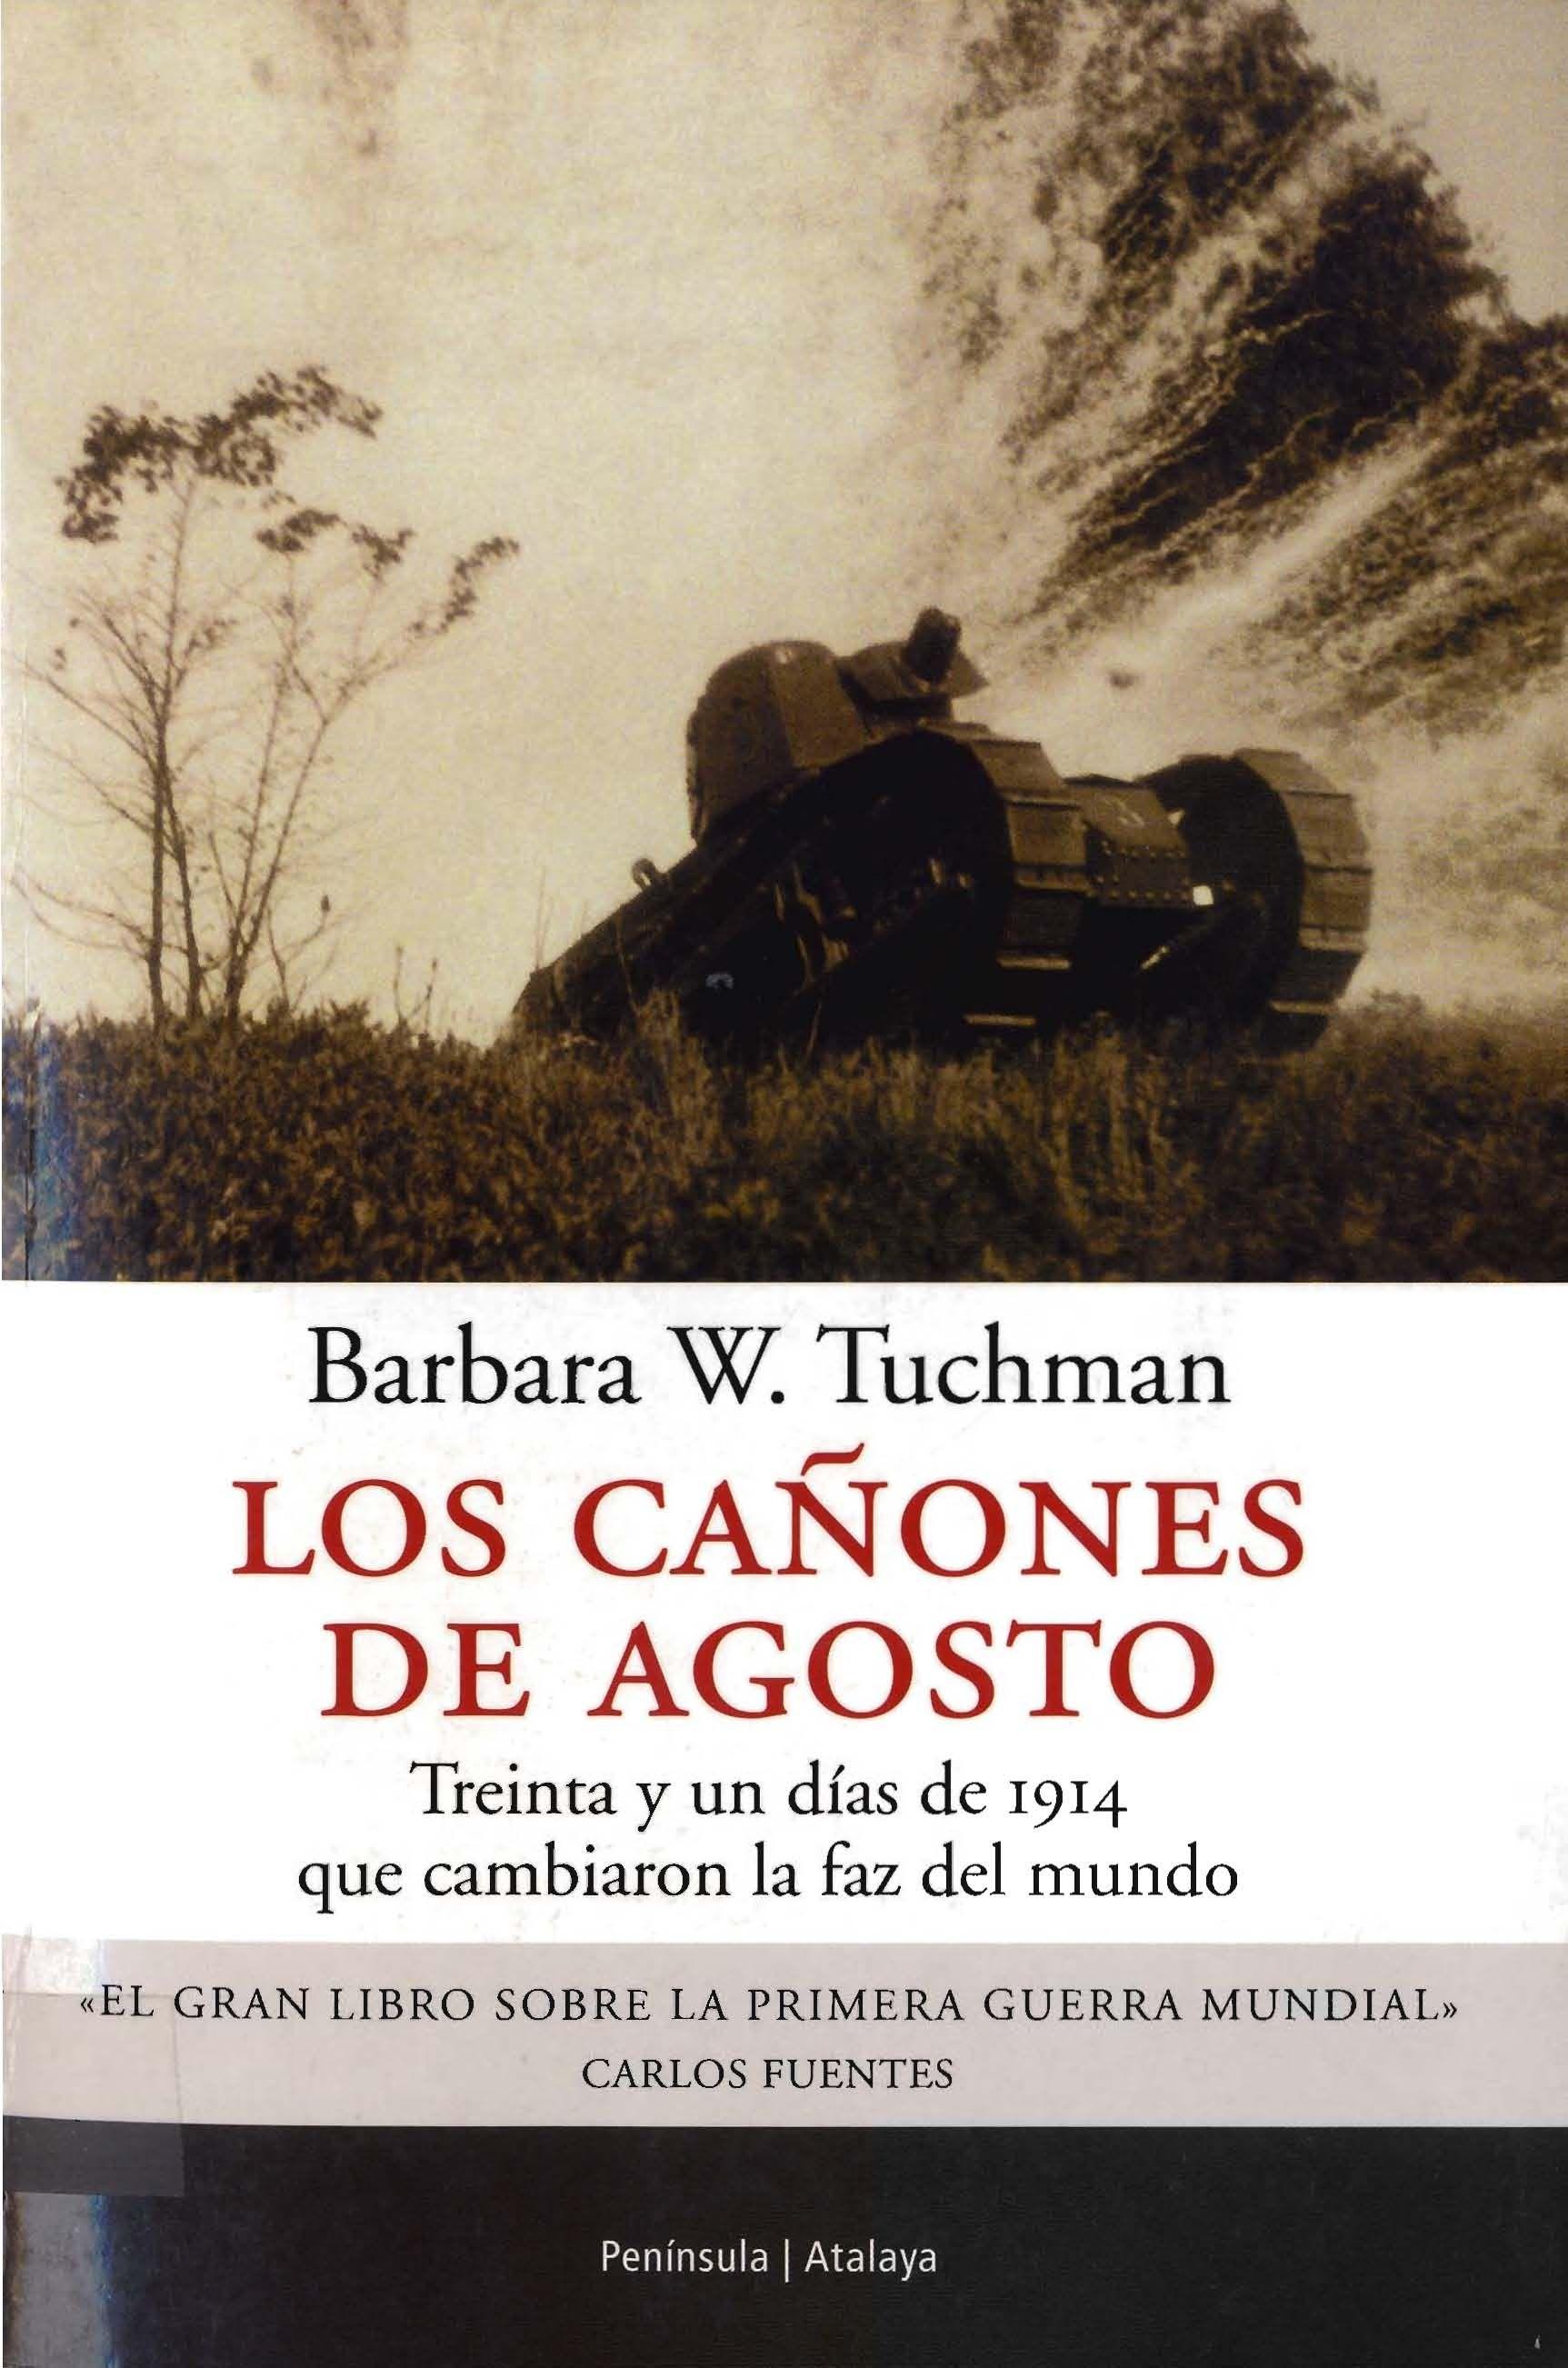 Los Cañones De Agosto Treinta Y Un Días De 1914 Que Cambiaron La Faz Del Mundo Barbara W Tuchman Http Descargar Libros En Pdf Libros Libros Descargar